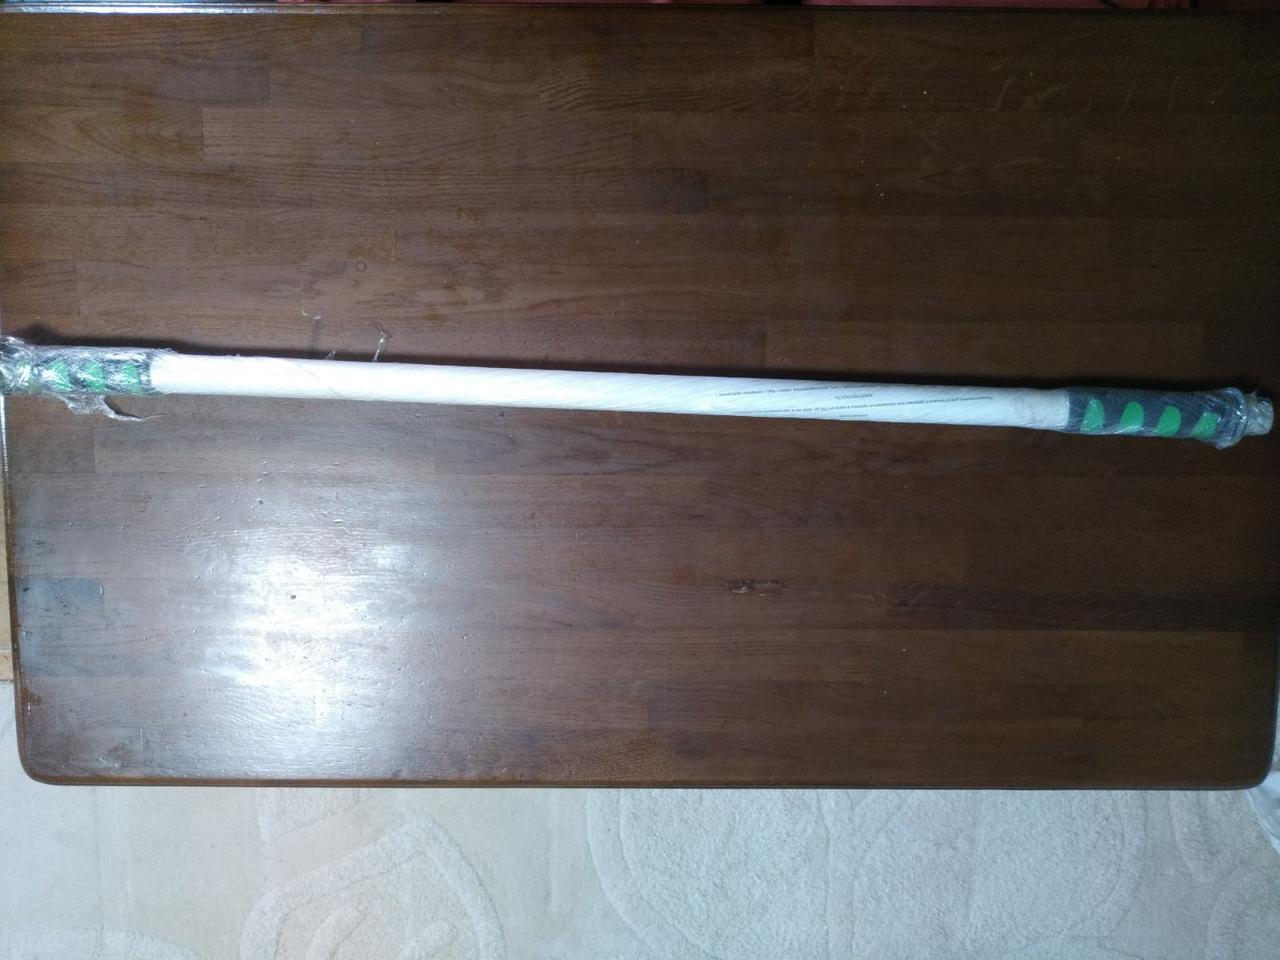 Турник в дверной проем 95-110 см , с мягкими неопреновыми ручками